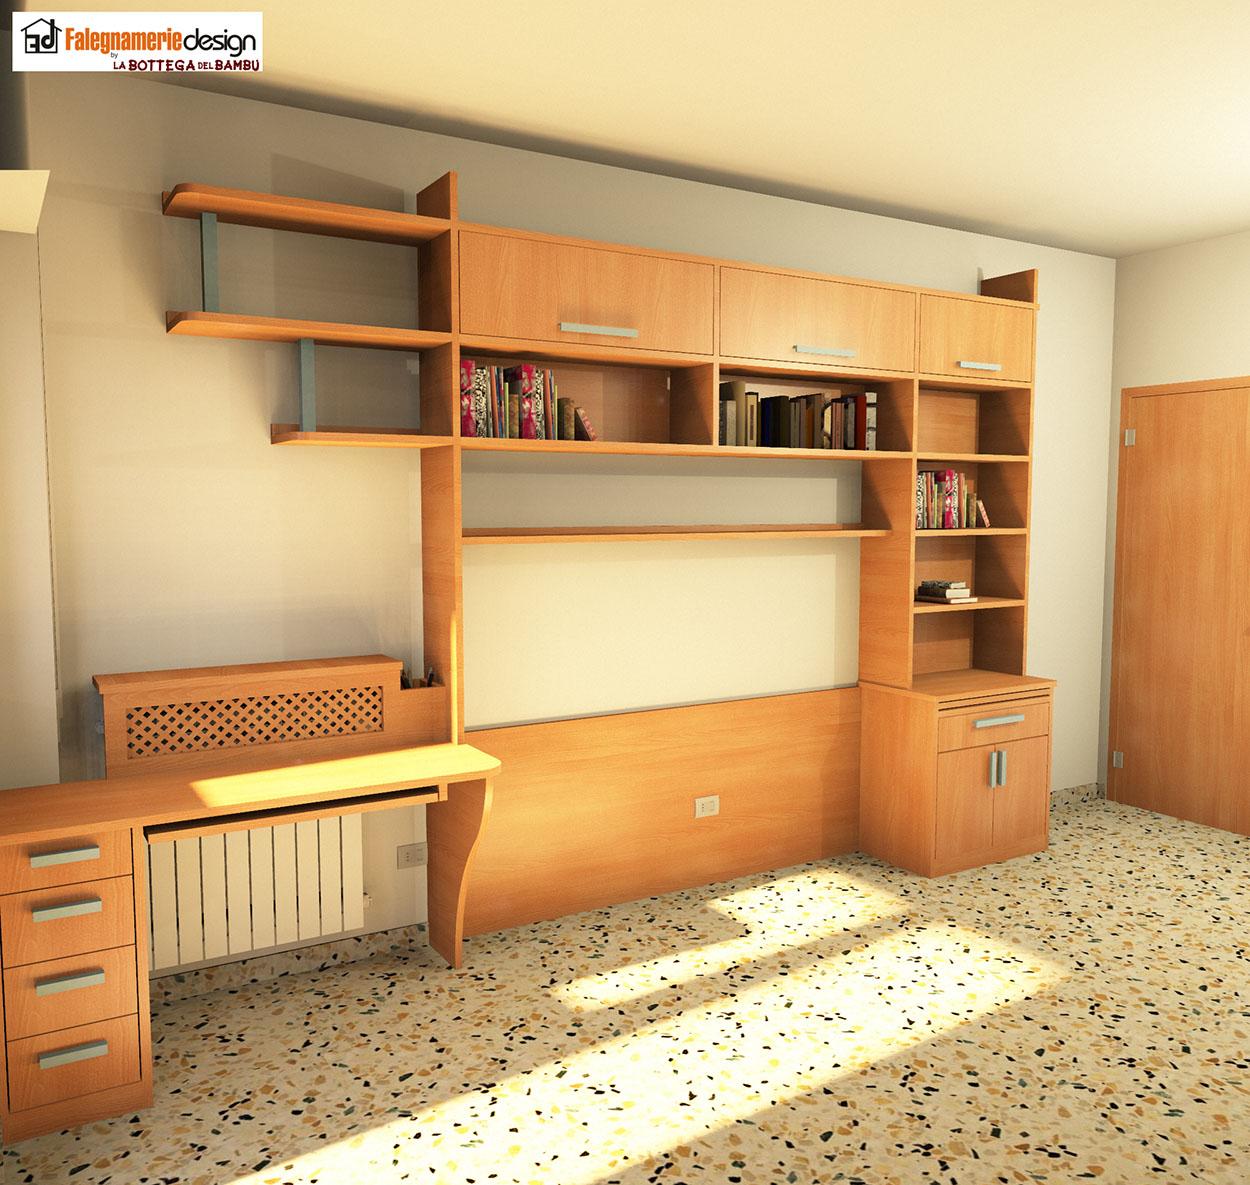 Progettazione camerette su misura arredamenti e mobili - Progettazione mobili su misura ...